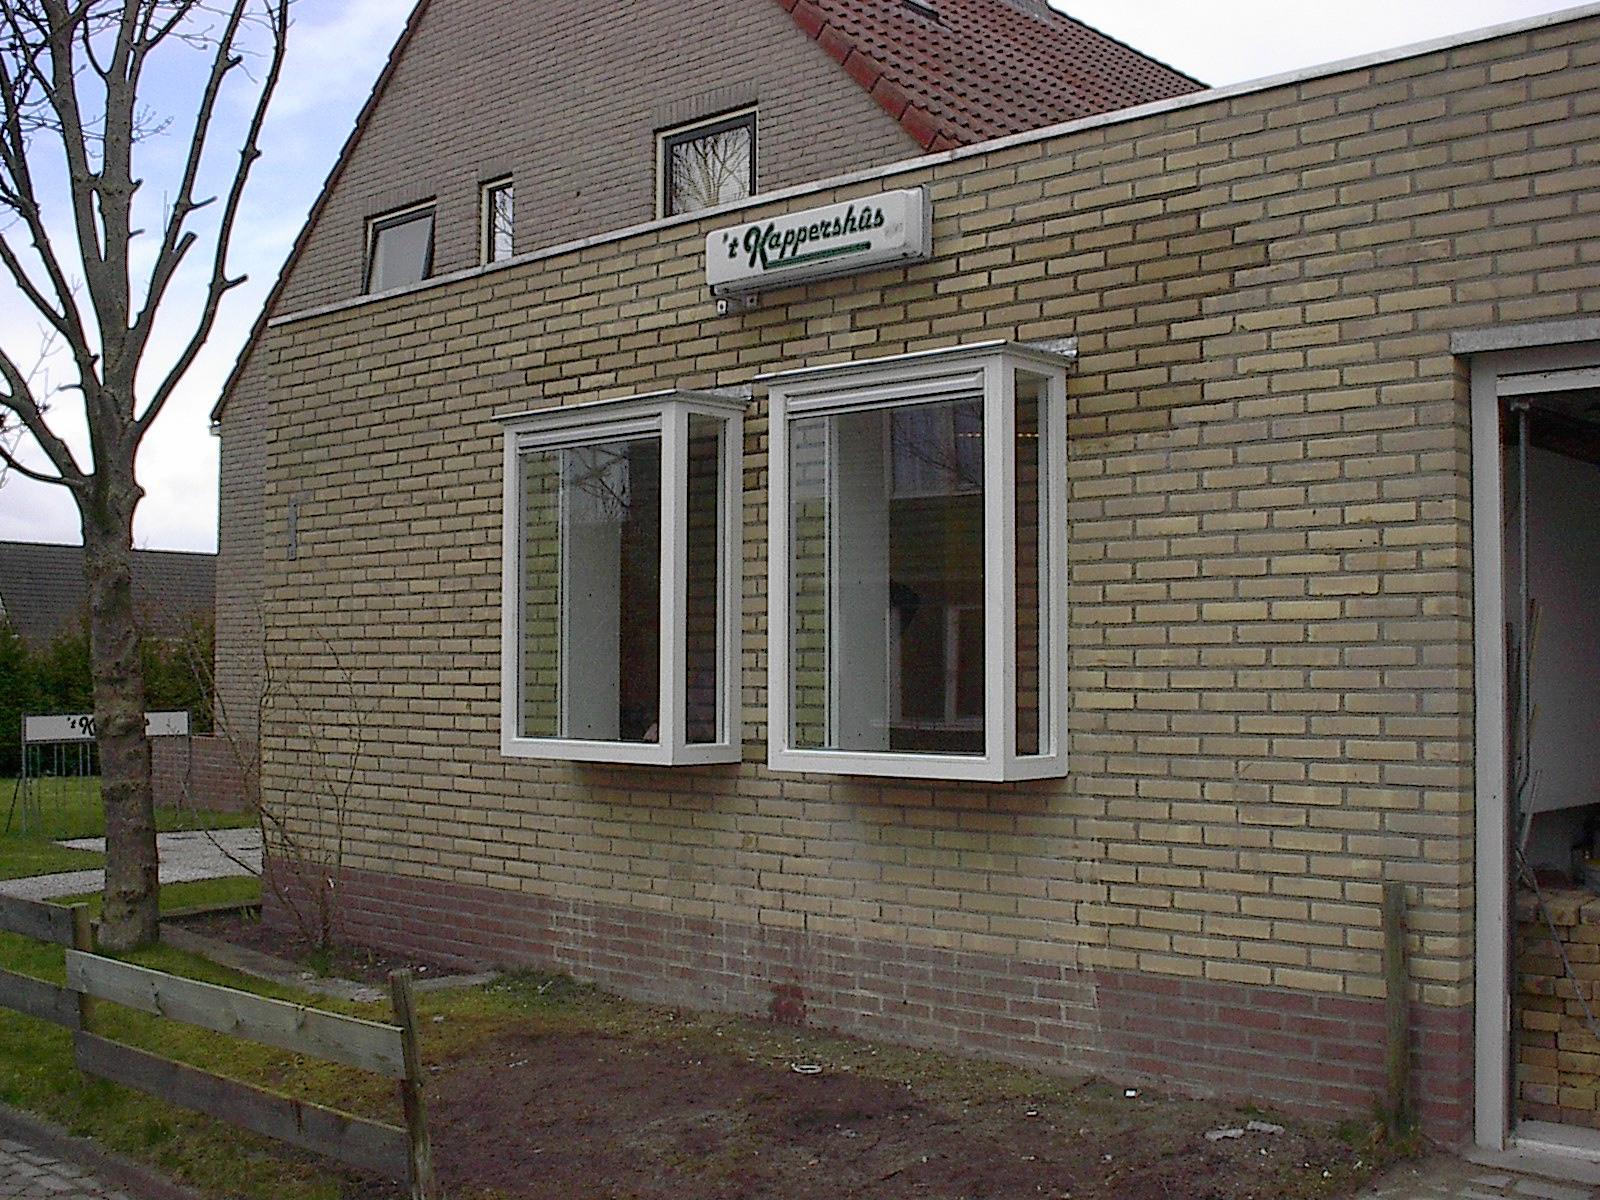 't-Kappershuis-1994-22